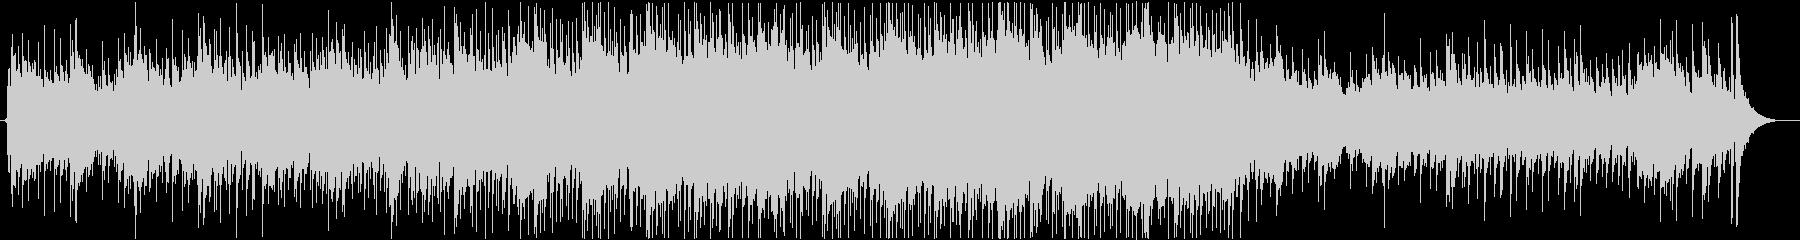 フォーク音響研究所さわやかで素朴な...の未再生の波形